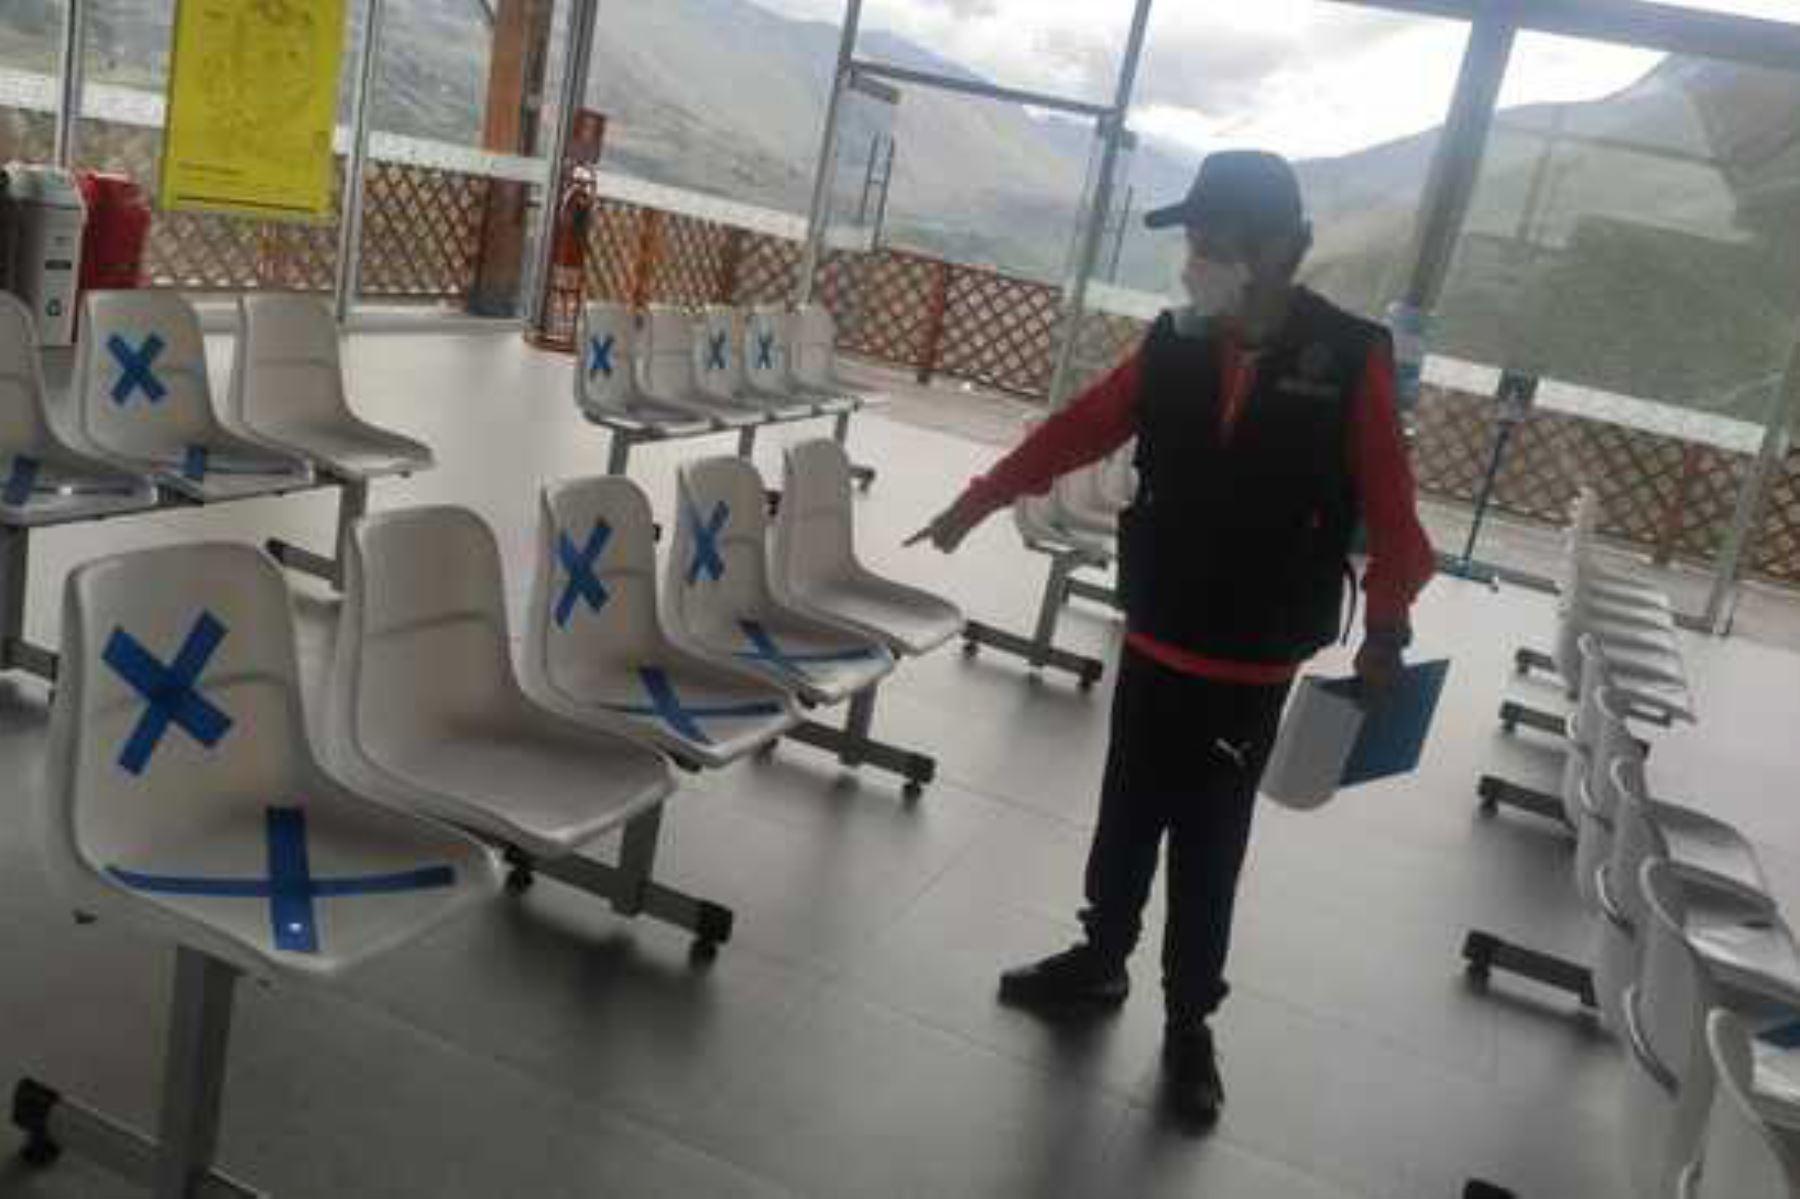 Las instalaciones de la empresa Telecabinas Kuélap (Amazonas) fueron inspeccionadas en operativo de prevención. Foto: ANDINA/Difusión